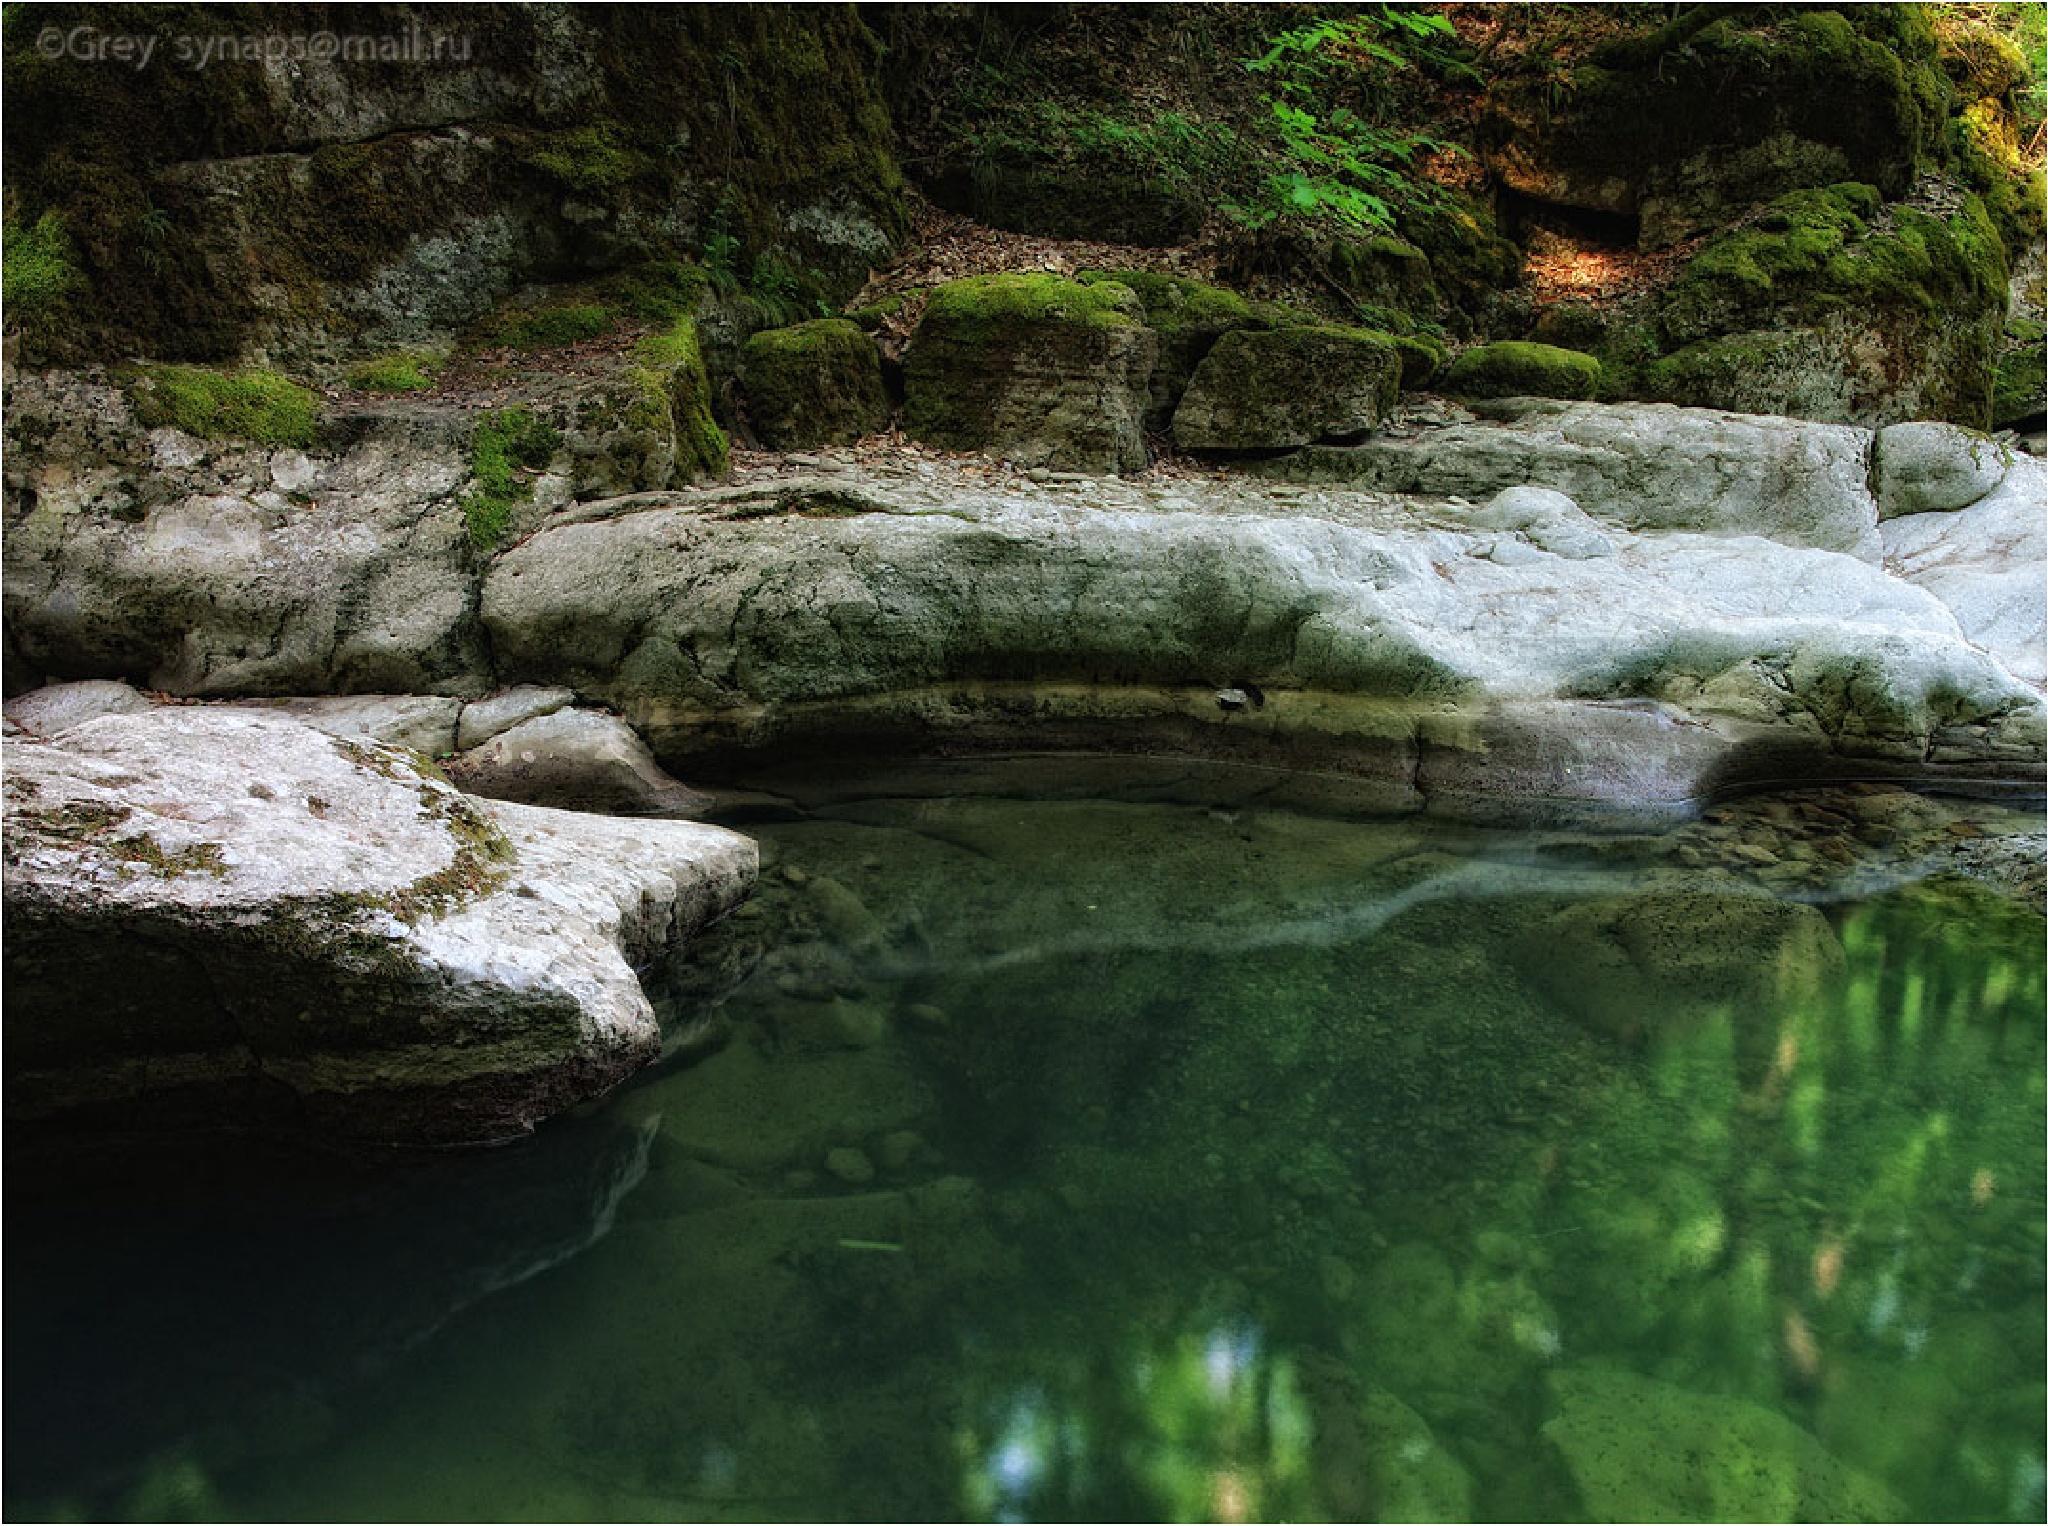 The forgotten stream-3 by Sergey Pavlov